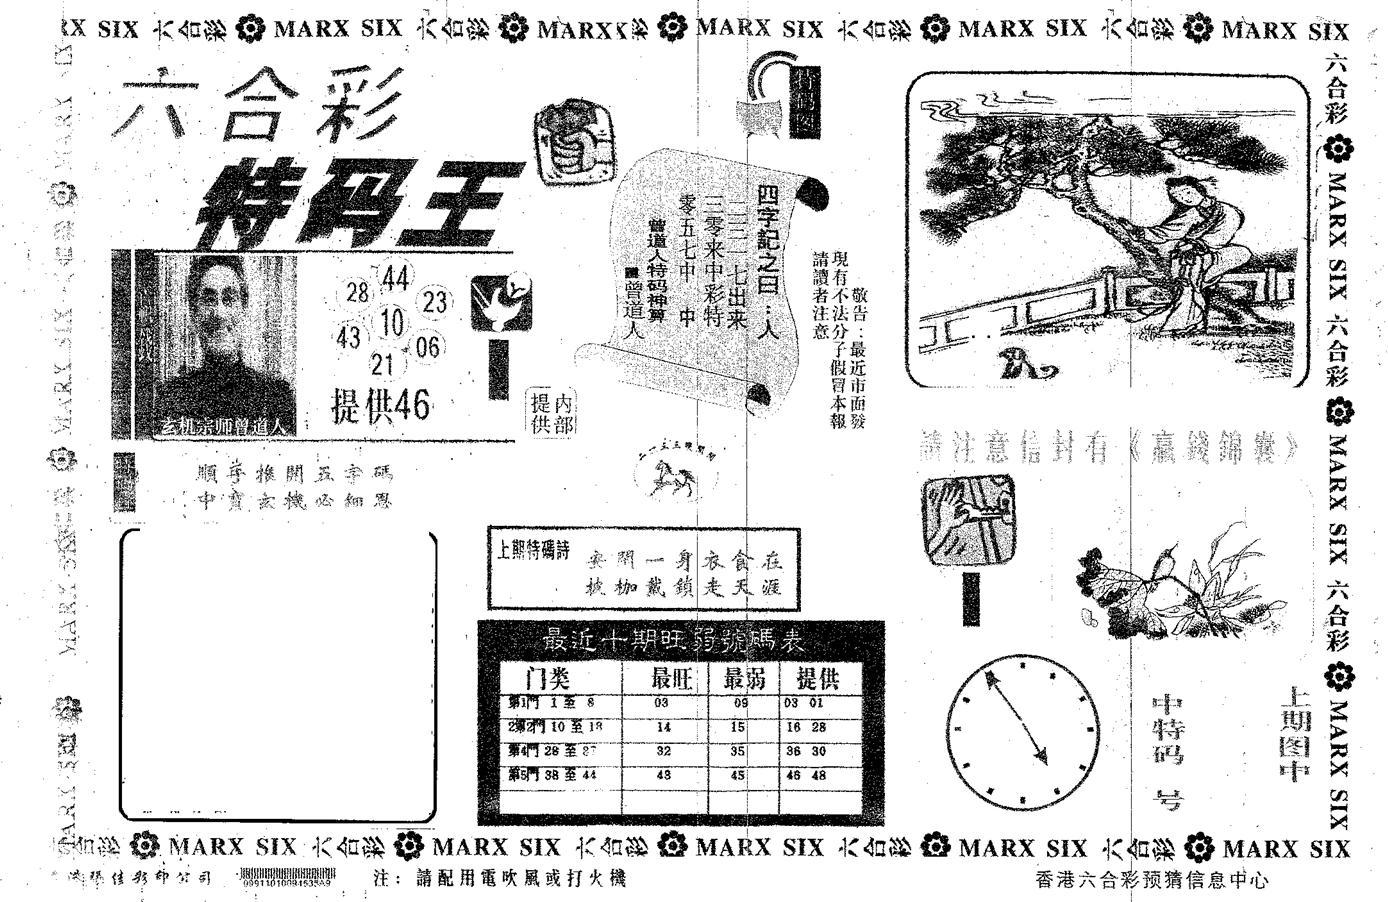 059期特码王B(黑白)